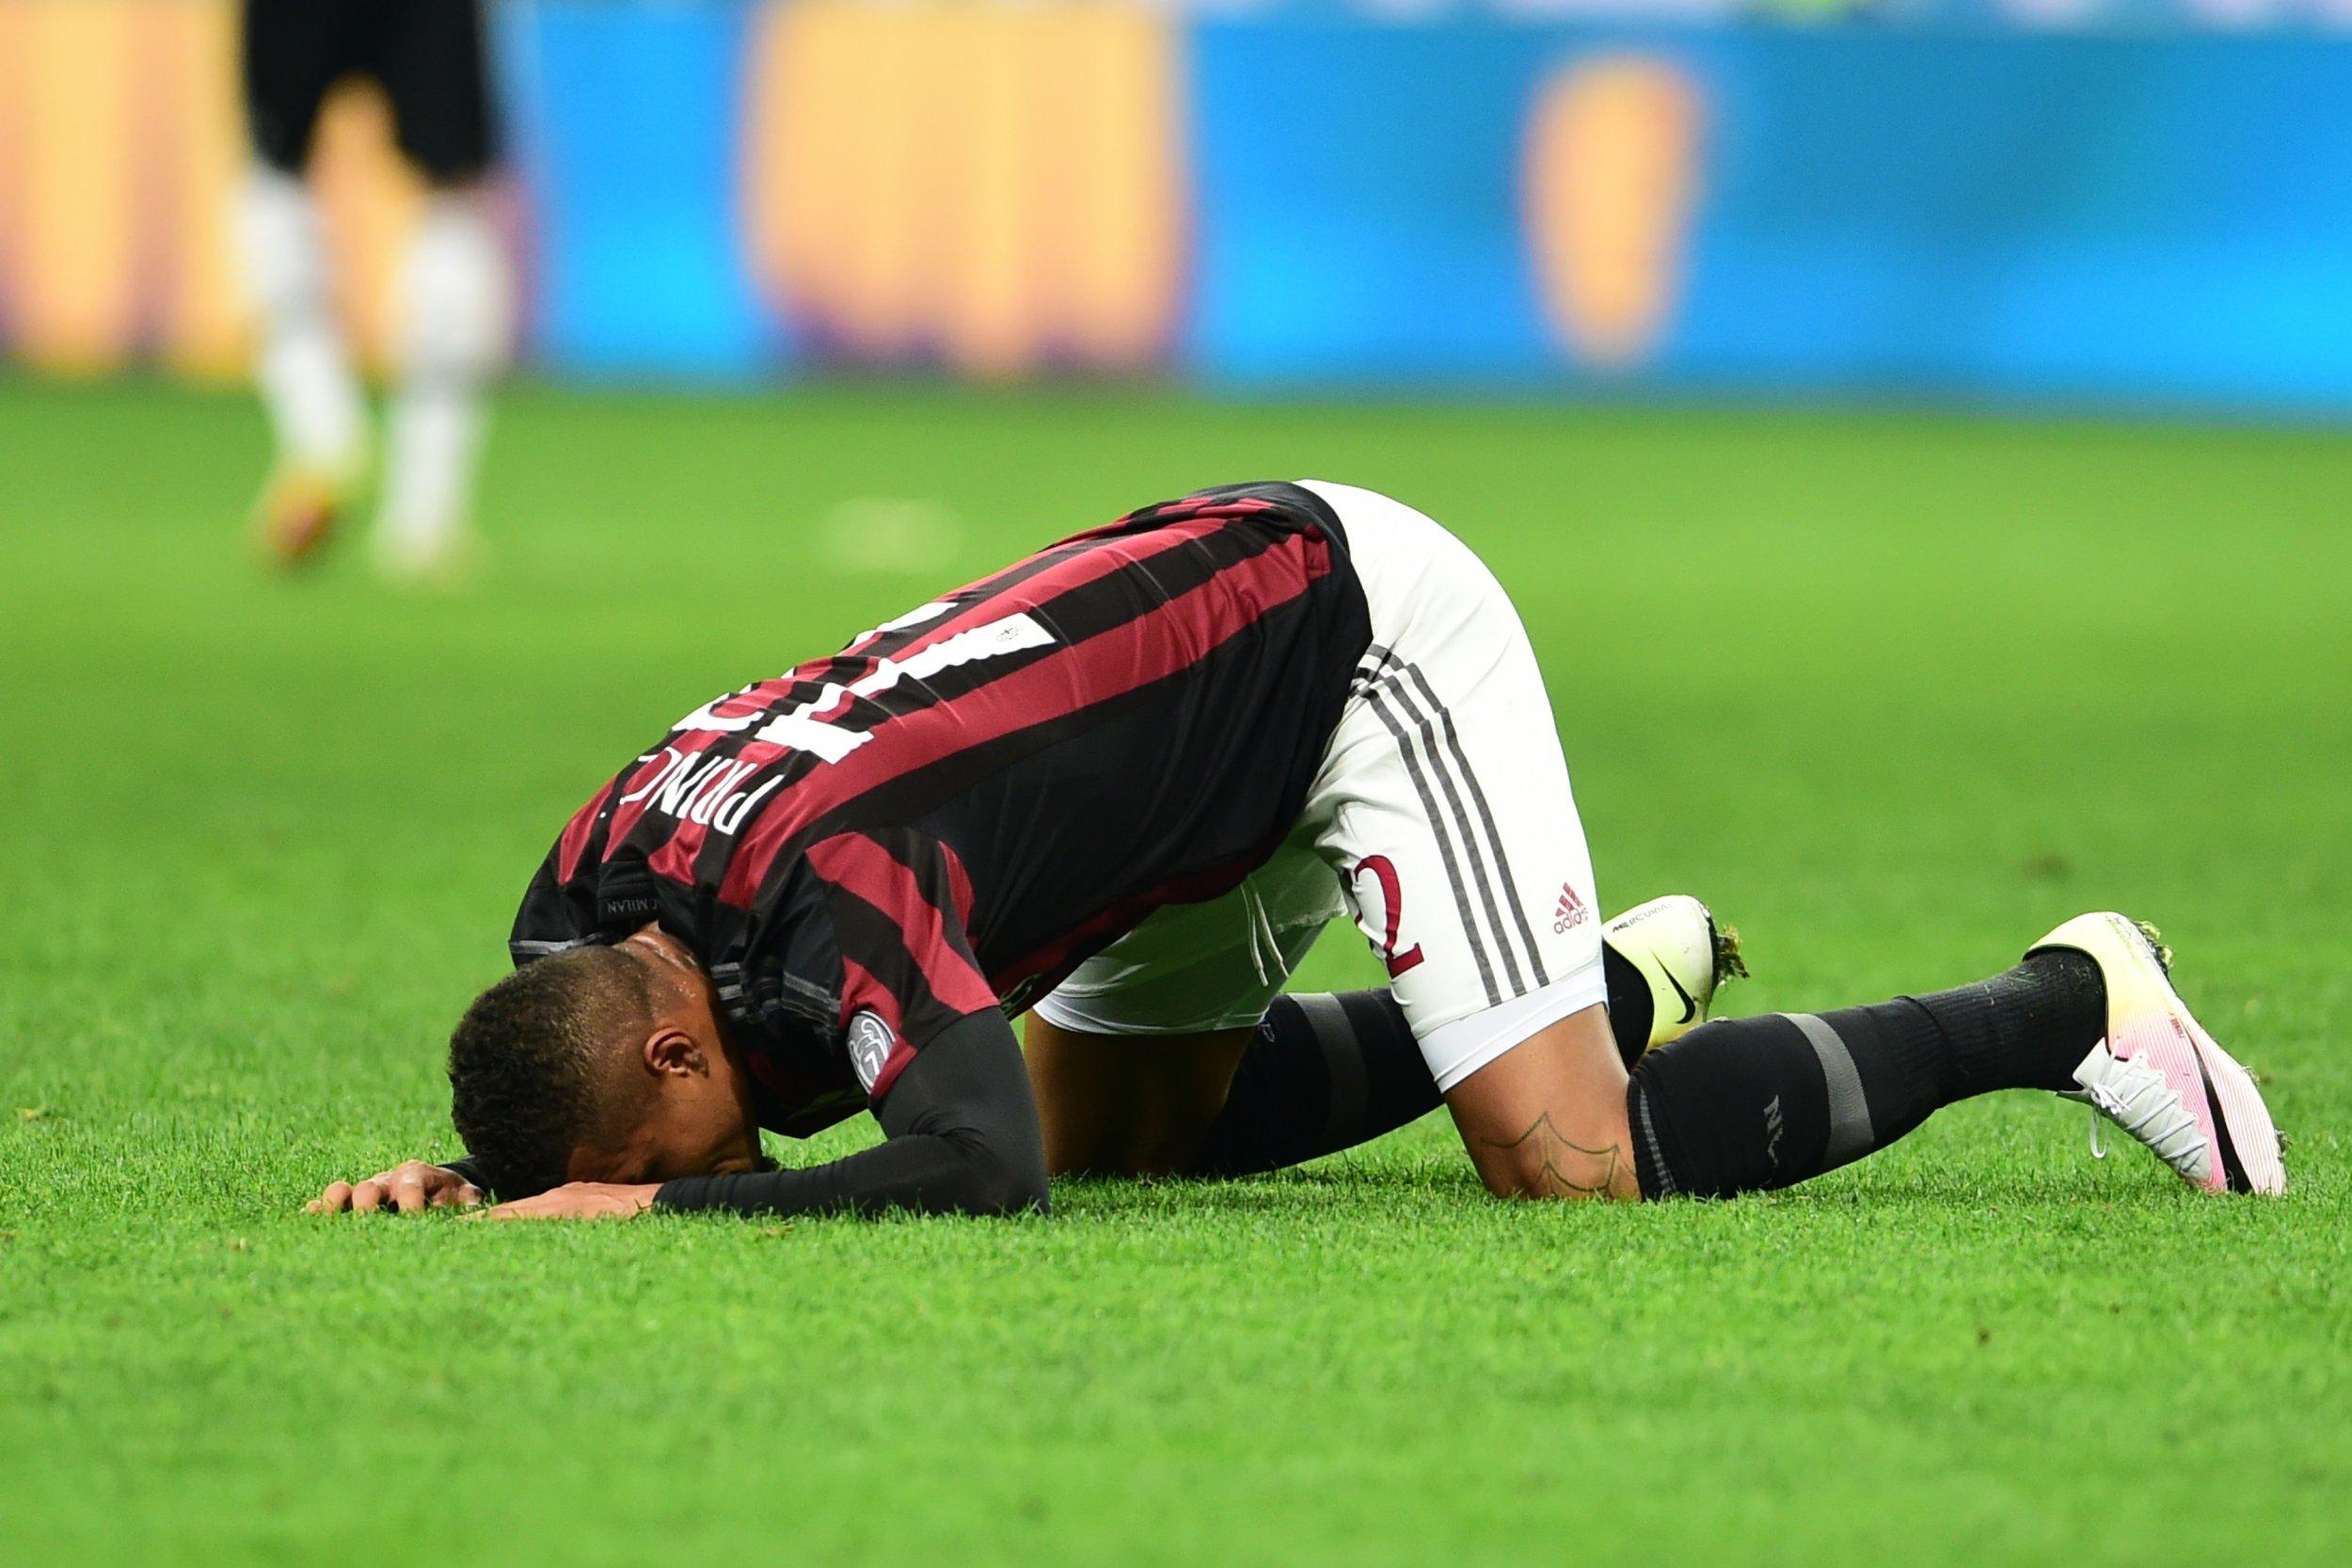 AC Milan player Kevin Prince Boateng